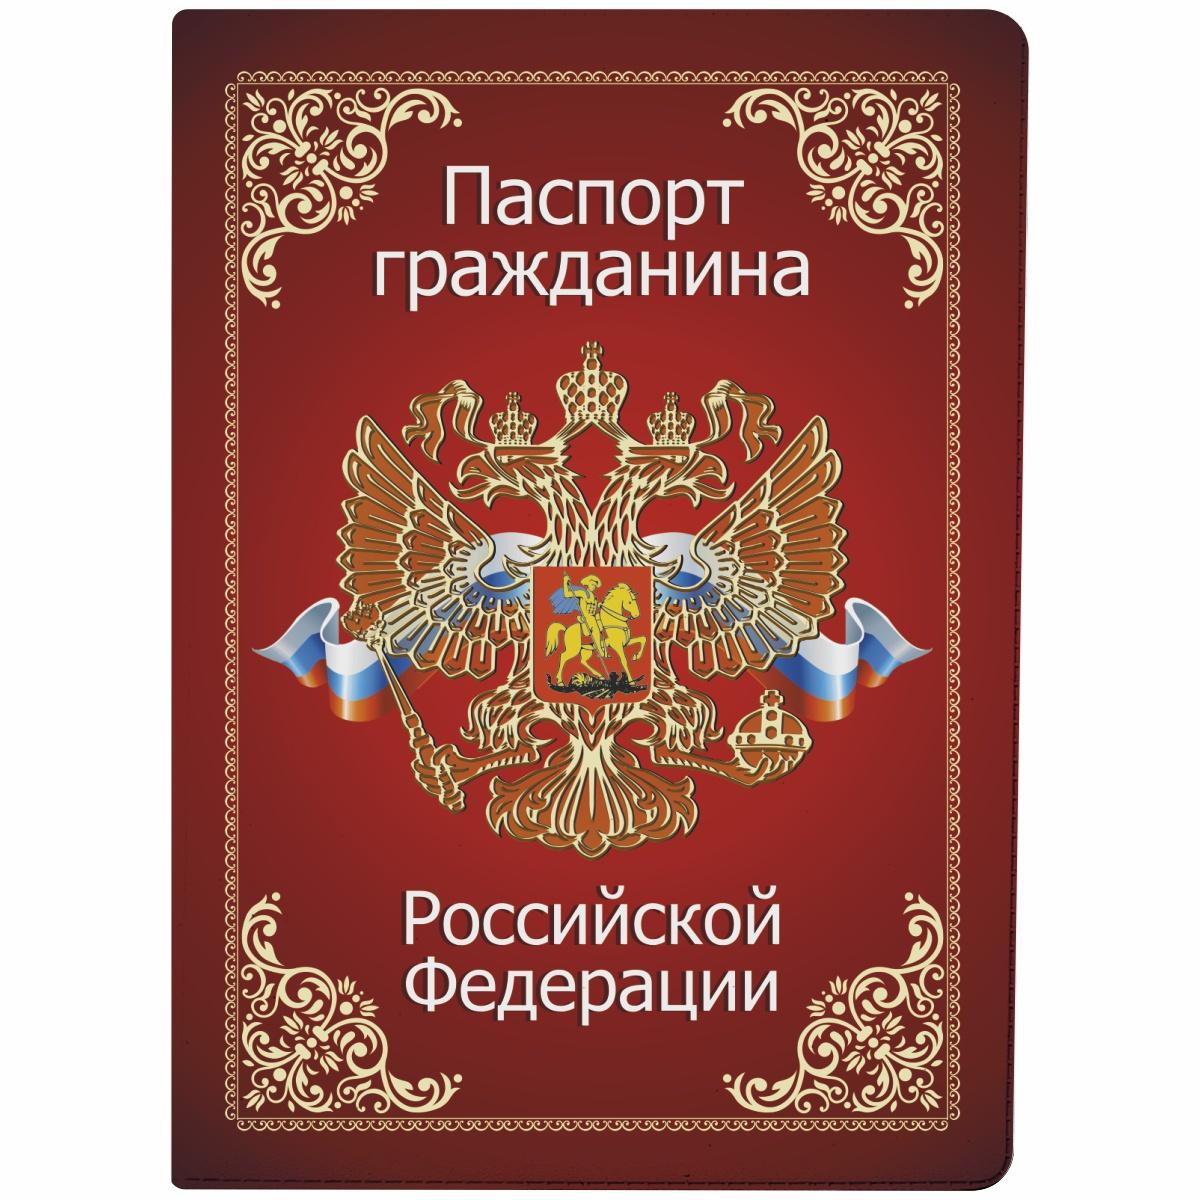 Картинка паспорта в хорошем качестве